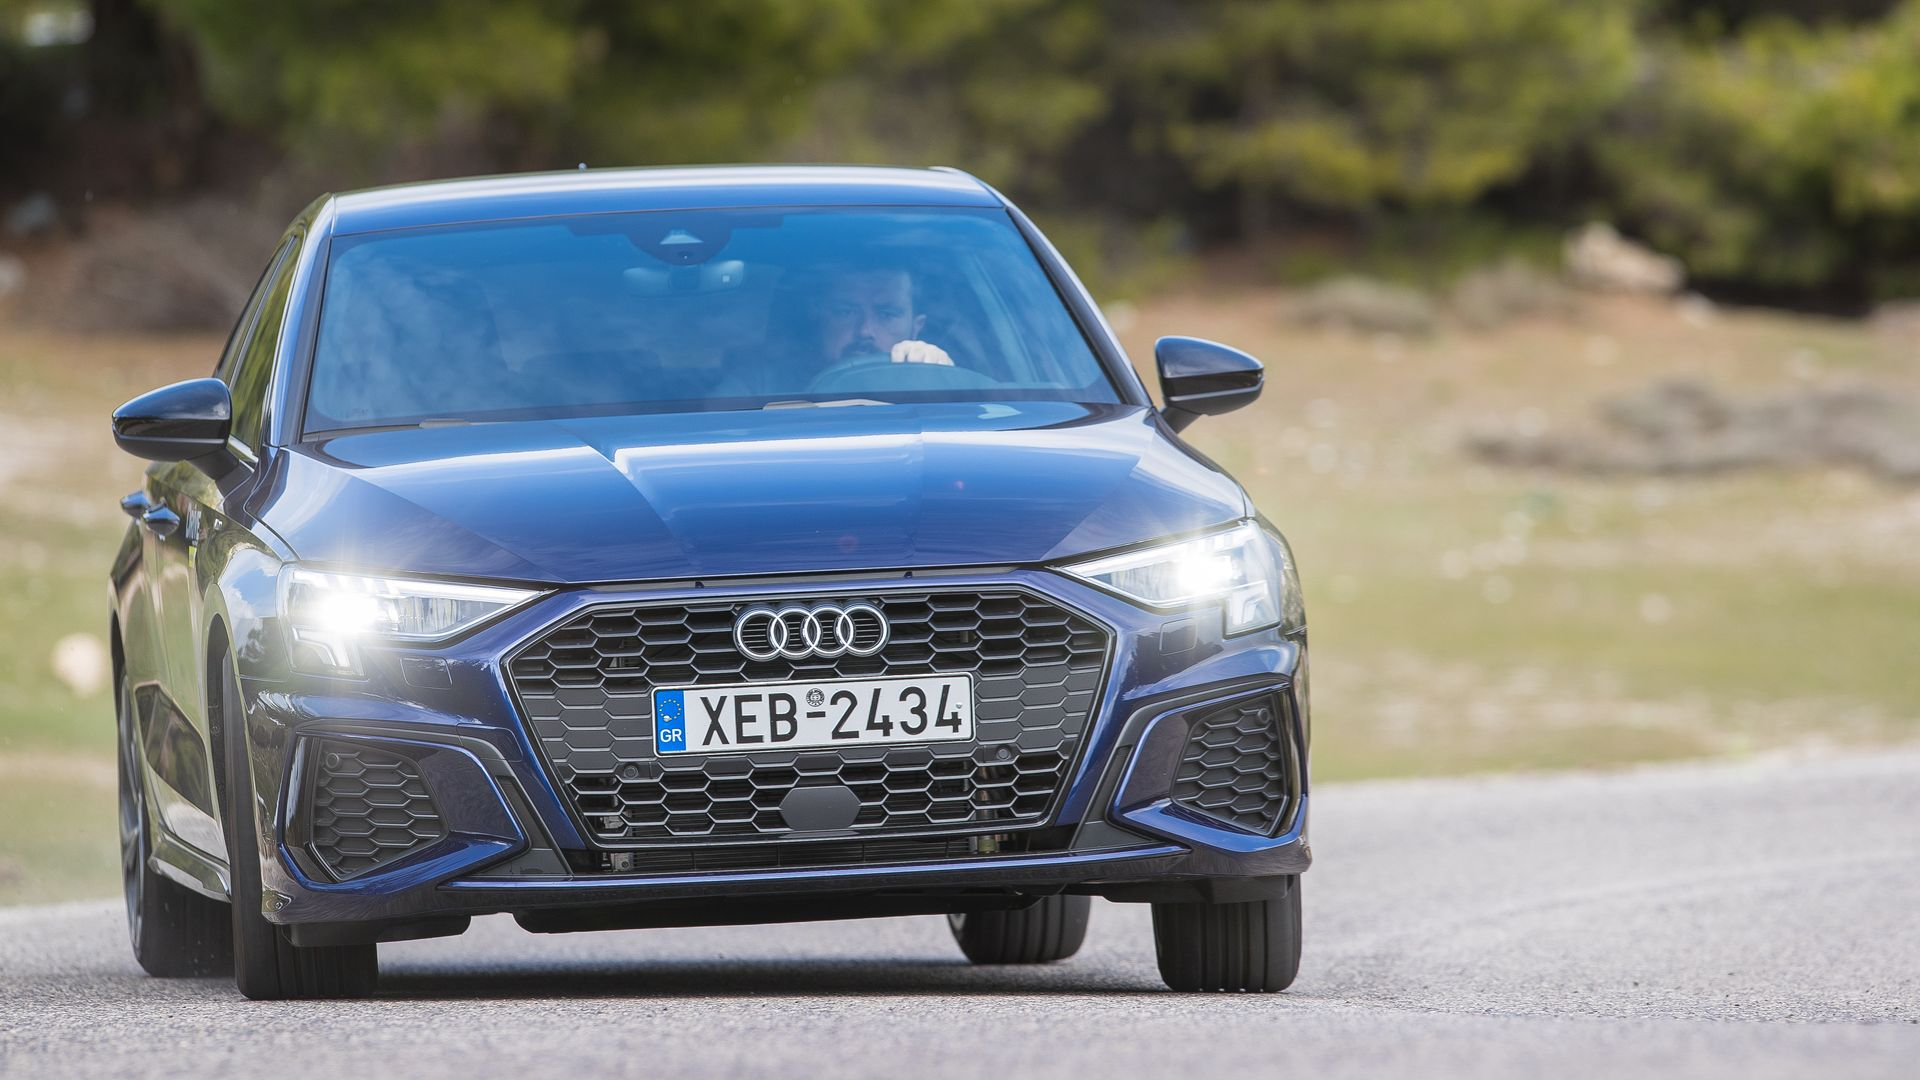 Δοκιμάζουμε το νέο Audi A3 Sportback 40 TFSI e που μπαίνει στην πρίζα! (pics)